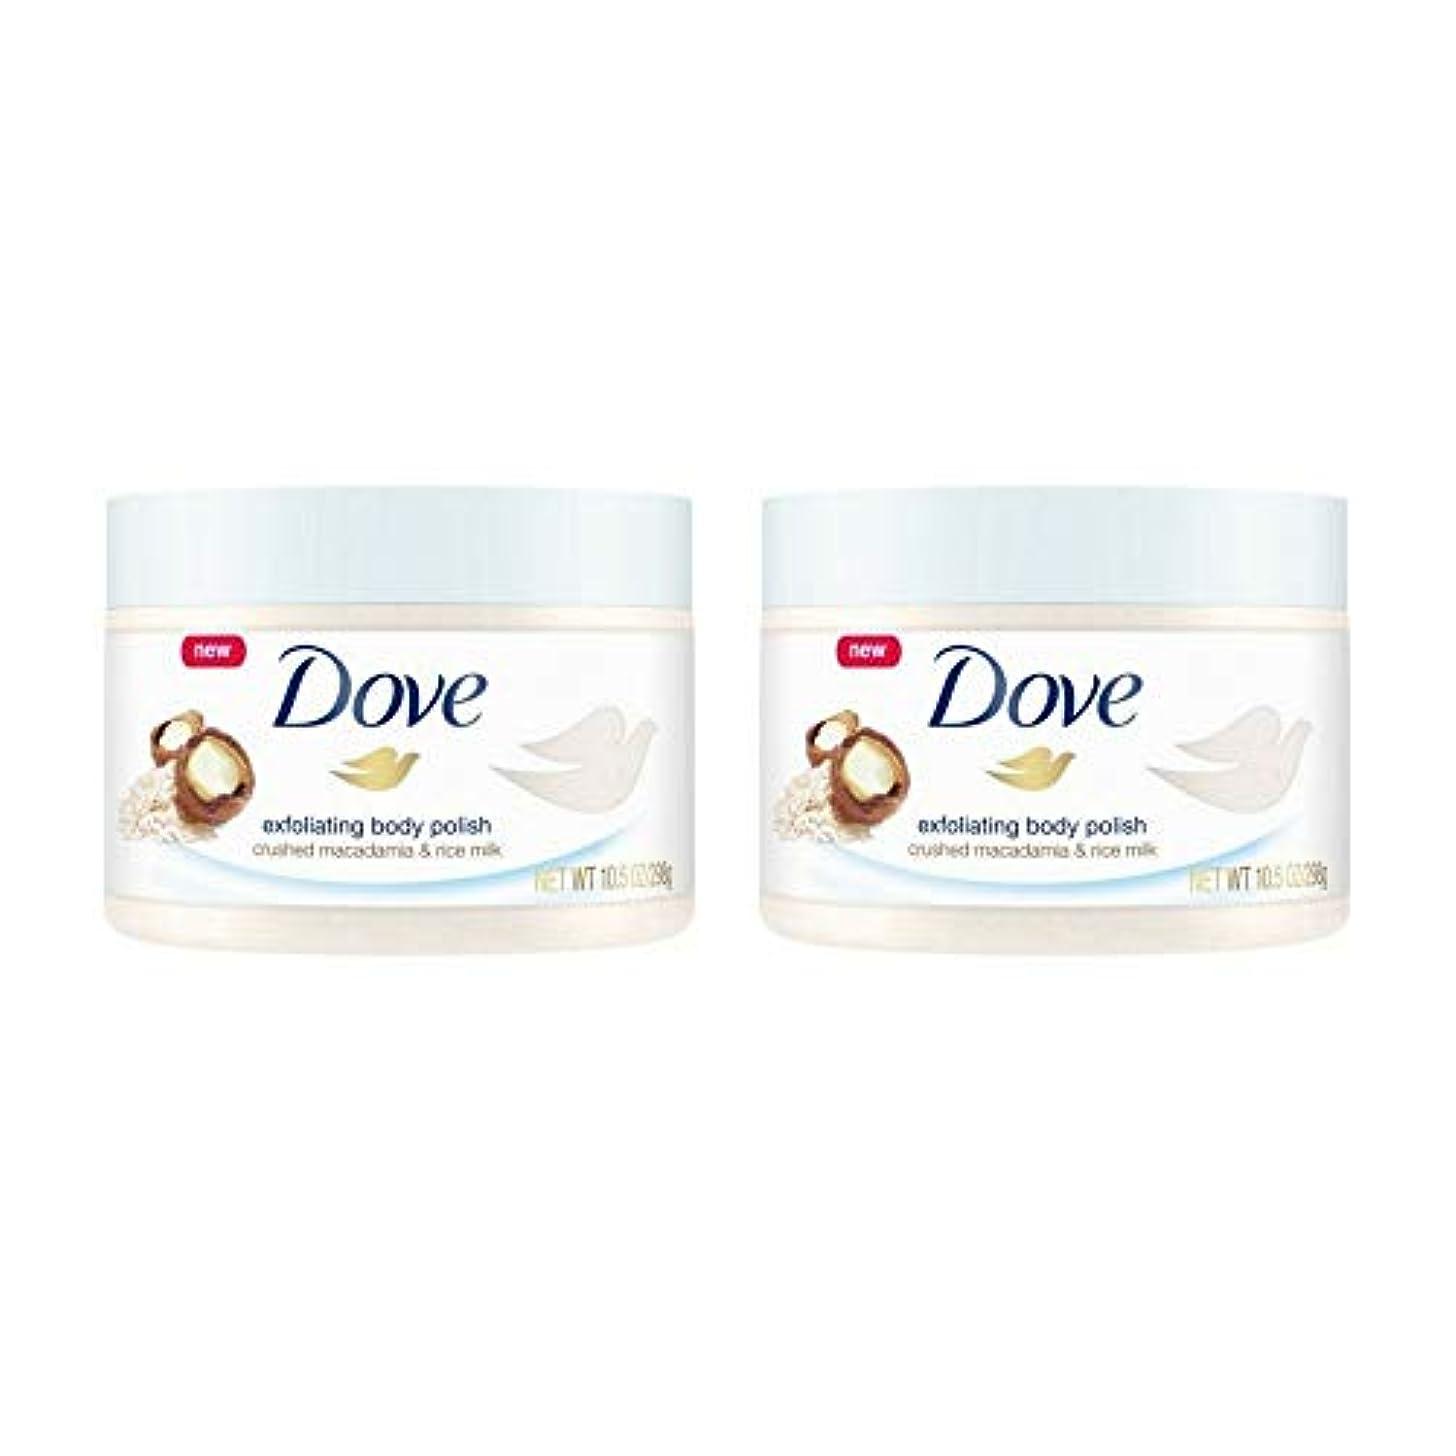 リラックスシャワー種をまくDove Exfoliating Body Polish Body Scrub Macadamia & Rice Milk 10.5 oz (2 pack) 141[並行輸入]